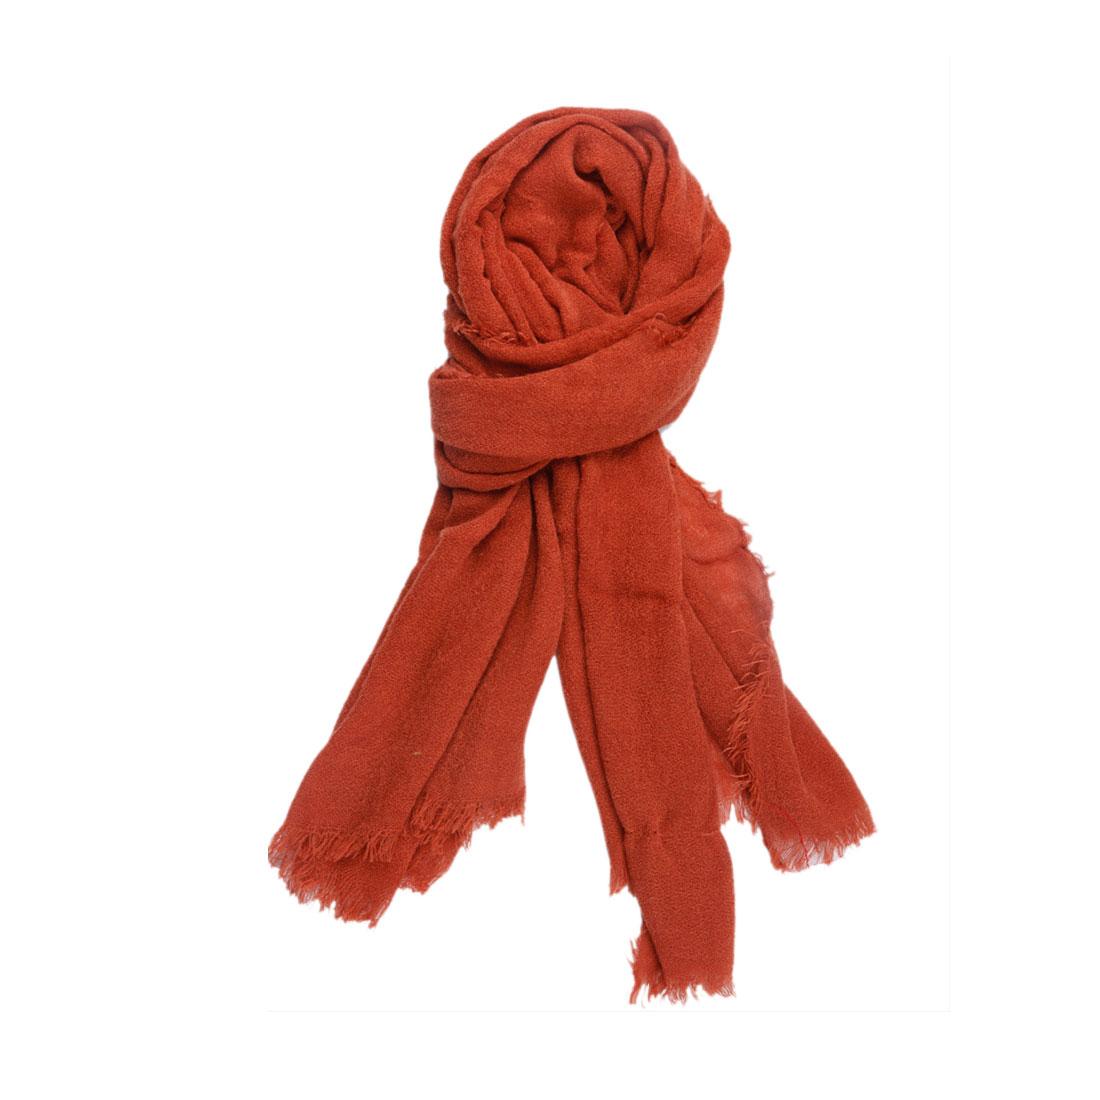 Unisex New Fashion Fringe Decor Winter Rust Knit Wrap Scarf